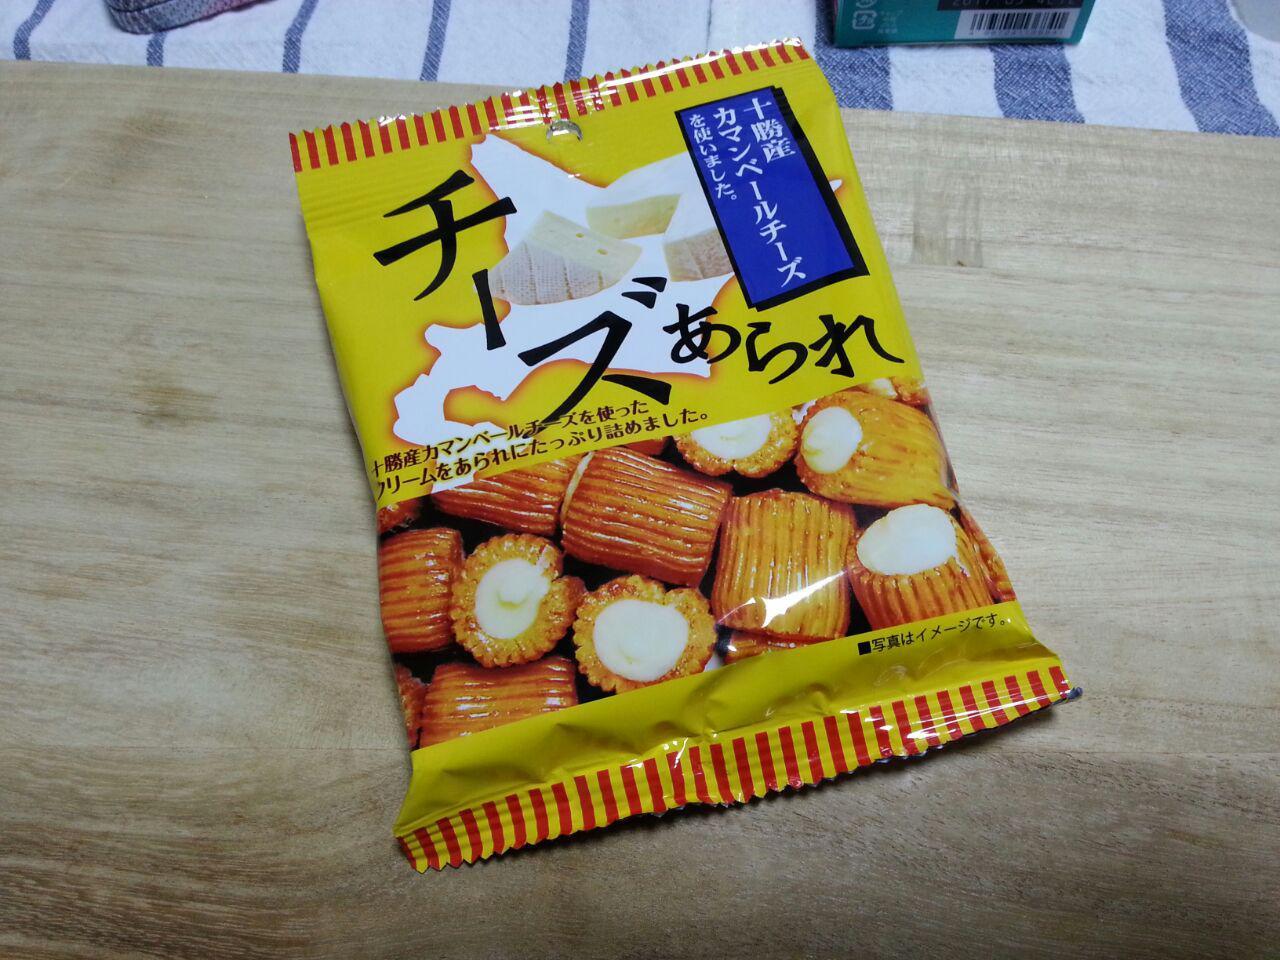 [키라라]チーズあられ(치즈아라레)